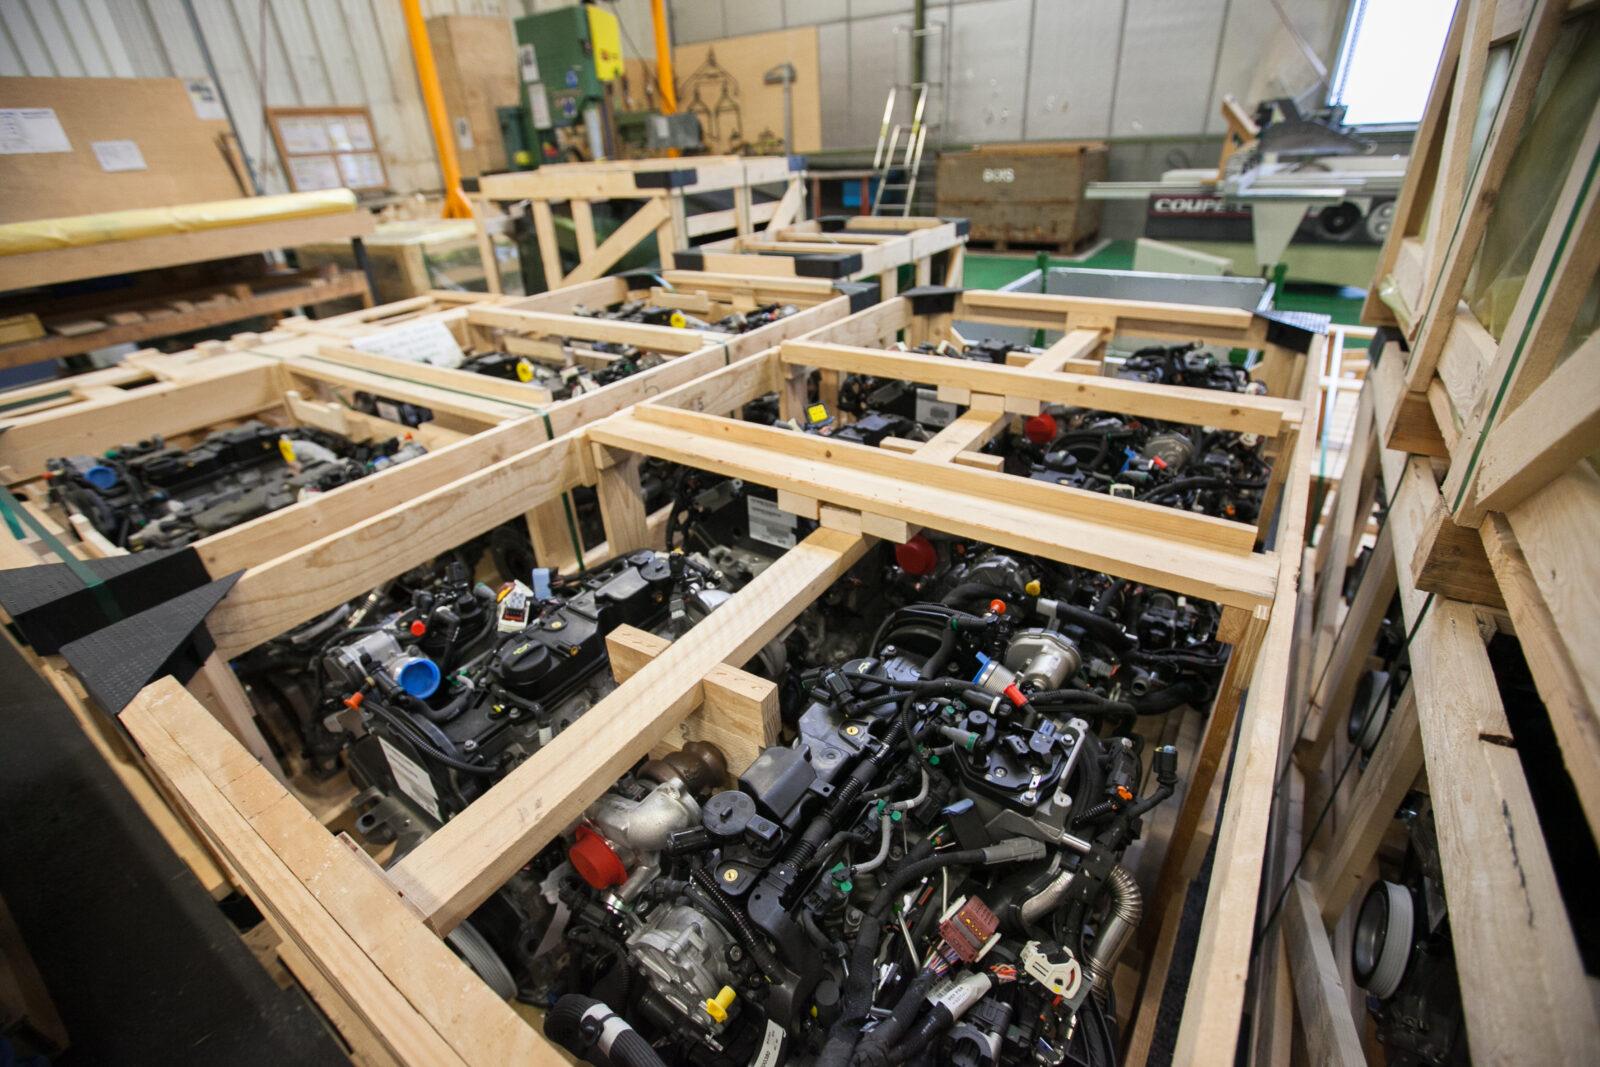 Détail de caisses de conditionnement pour le stransport de pièces de l'industrie automobile